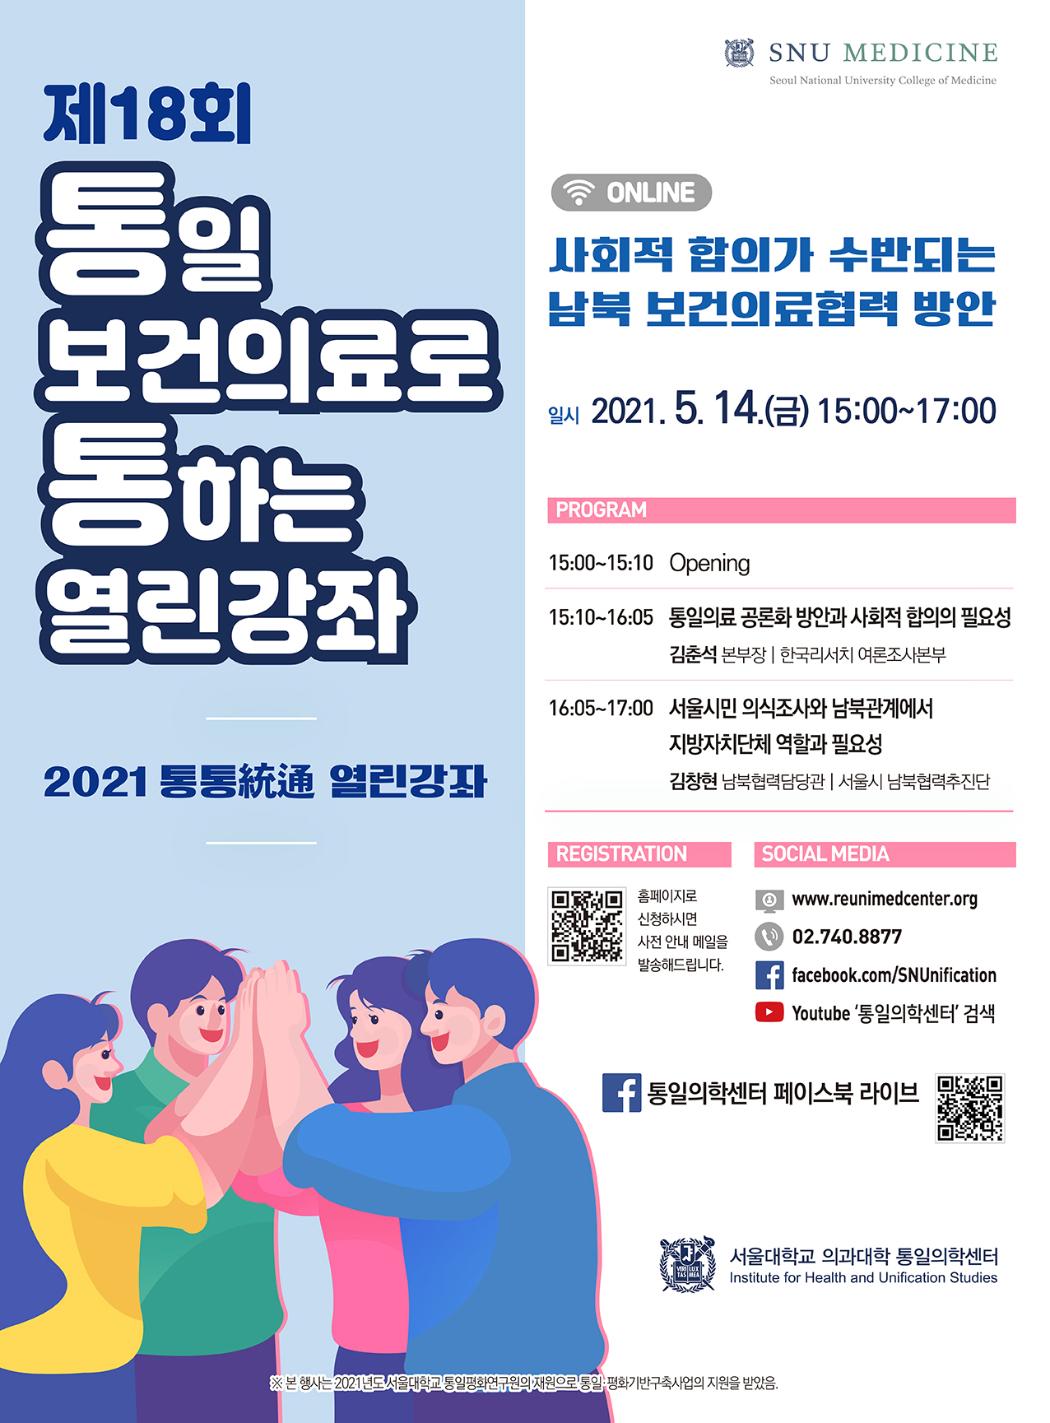 20210514_제18회 열린강좌 포스터 최종_v웹용.jpg